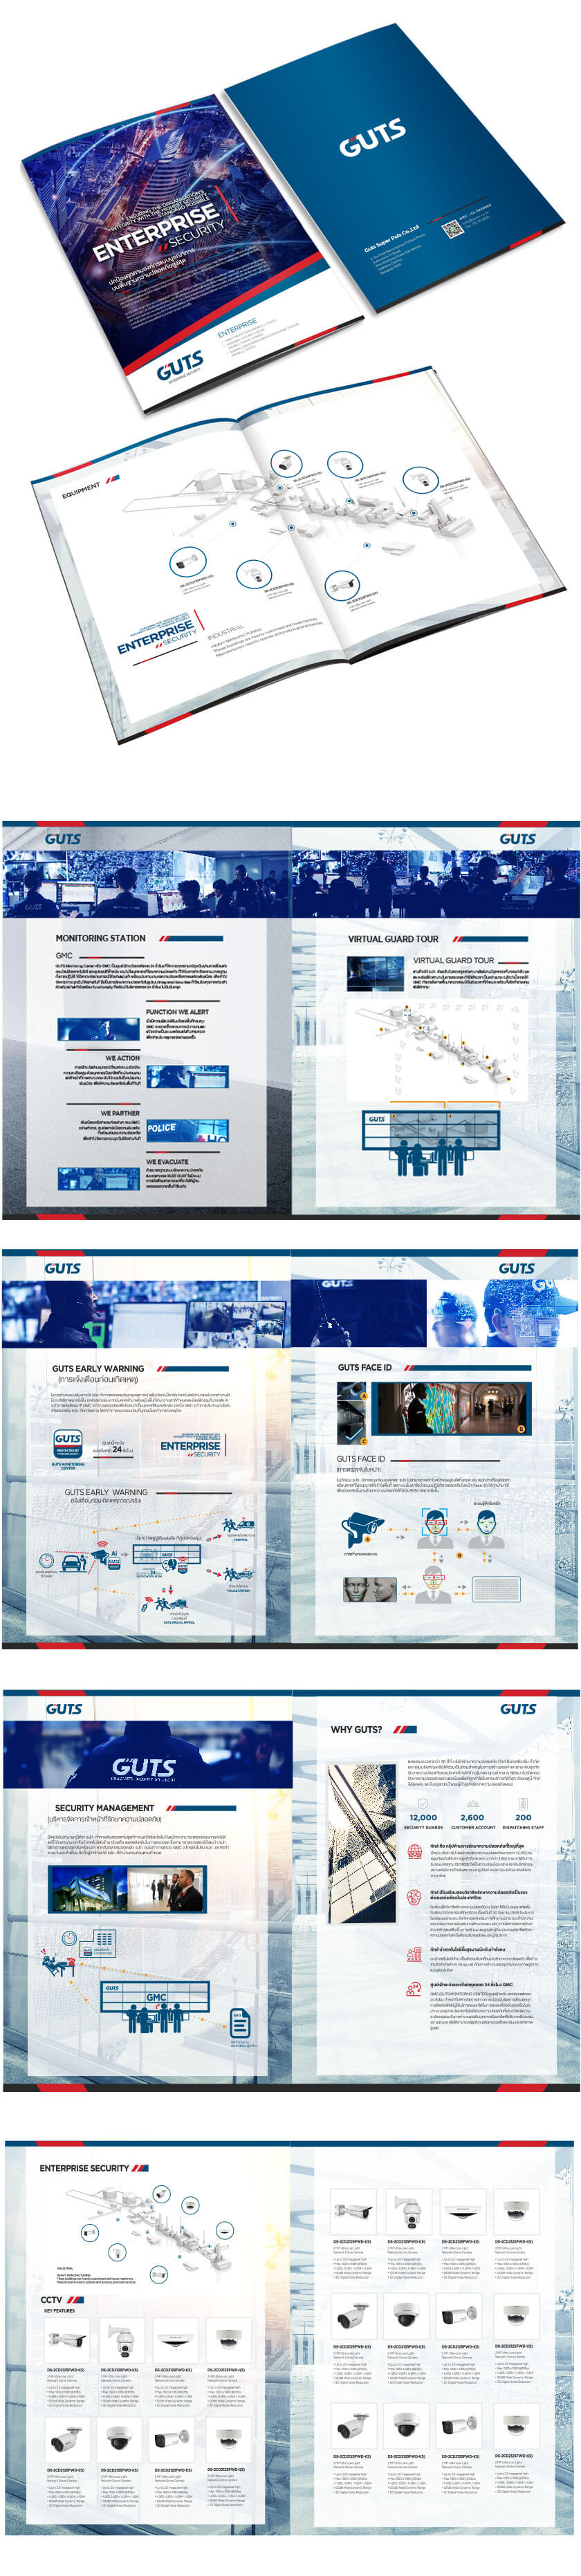 ออกแบบ company Profile ออกแบบดีไซน์ icon infographic สื่อสารในรูปแบบสากล